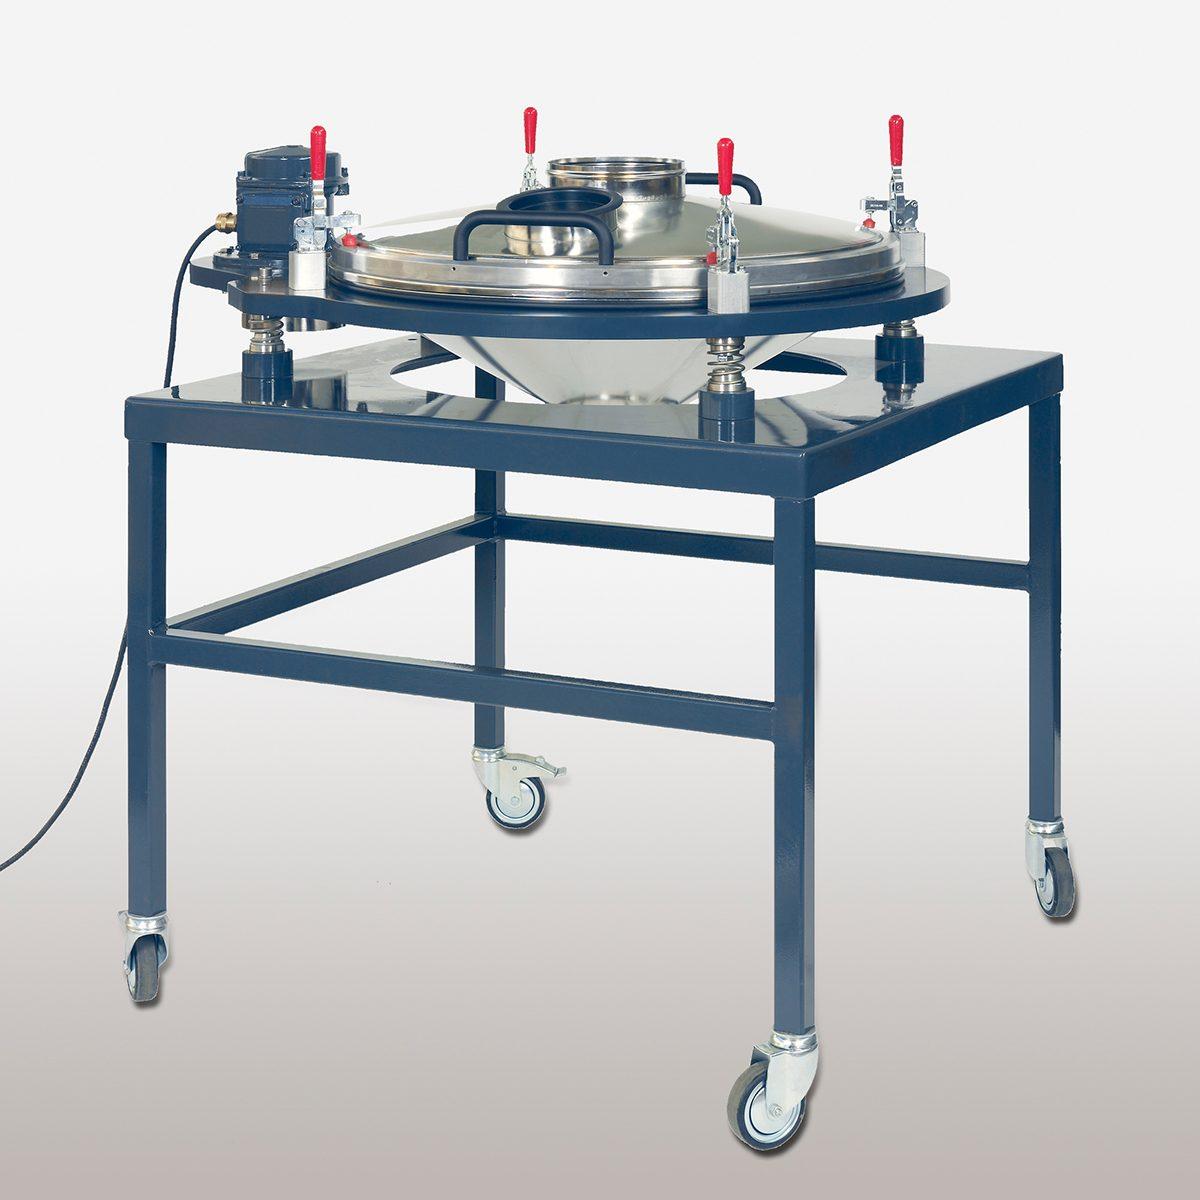 Kontrollsiebmaschine PERFLUX 801 zum Entfernen von Fremdstoffen und auf fahrbarem Untergestell